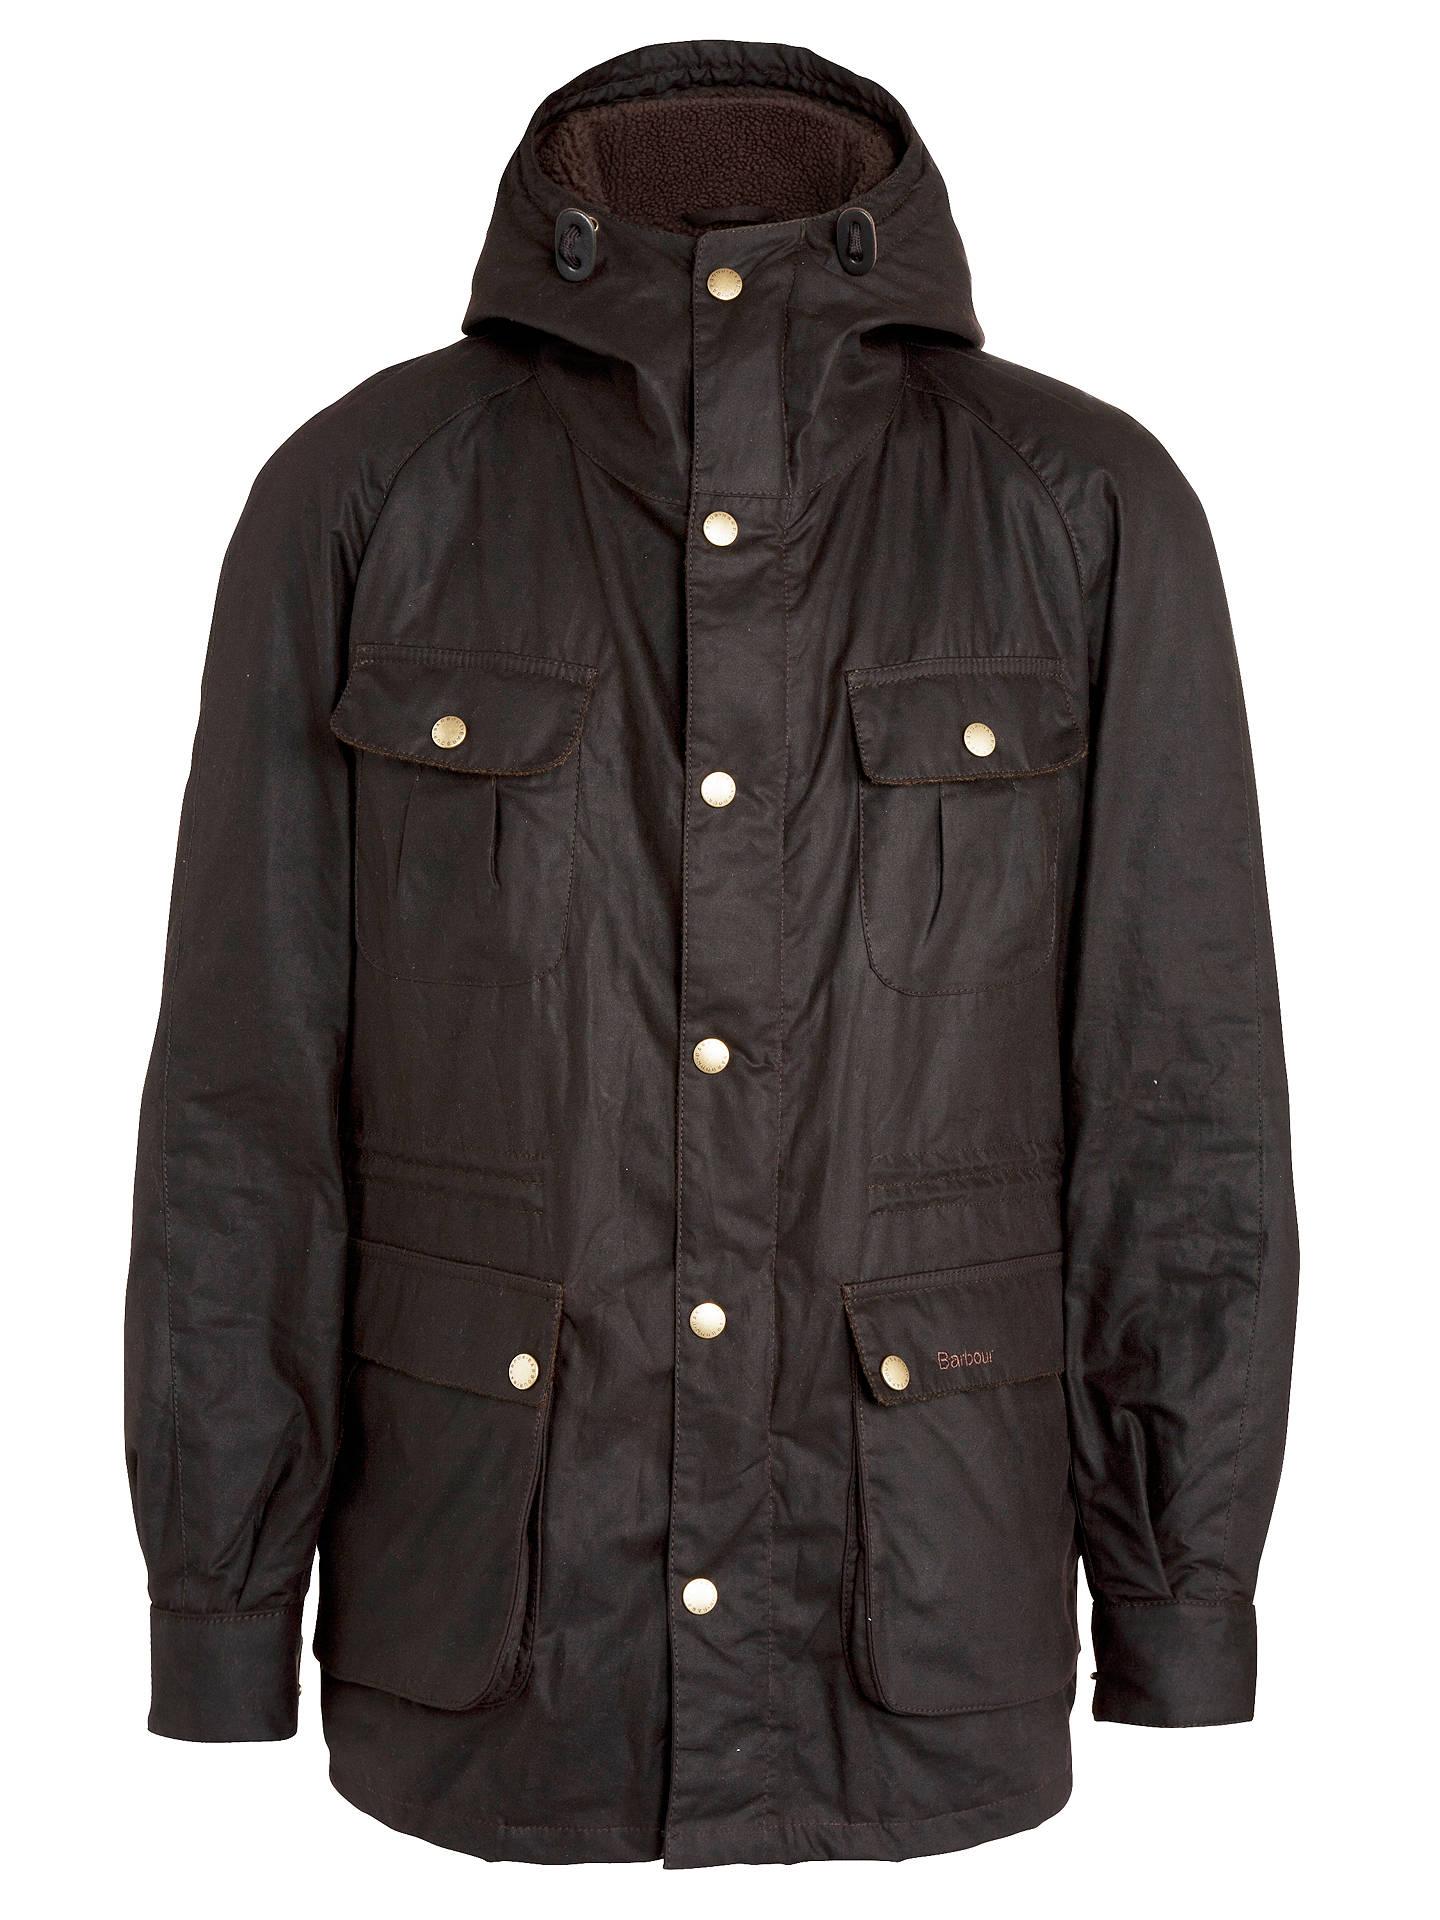 Barbour Northolt Hooded Parka Jacket, Rustic at John Lewis & Partners